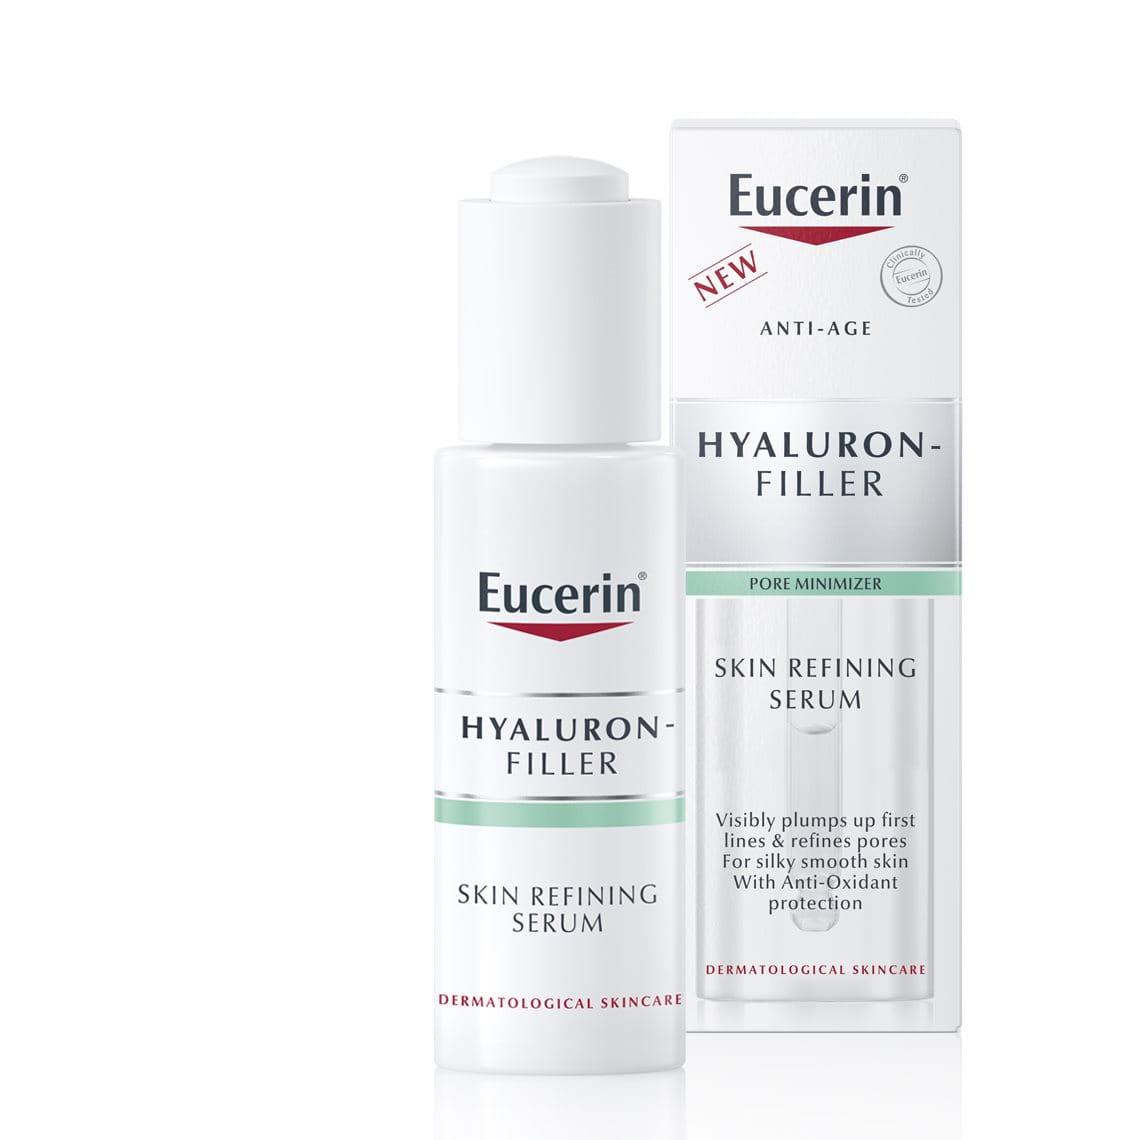 Hyaluron-Filler Skin Refining Serum